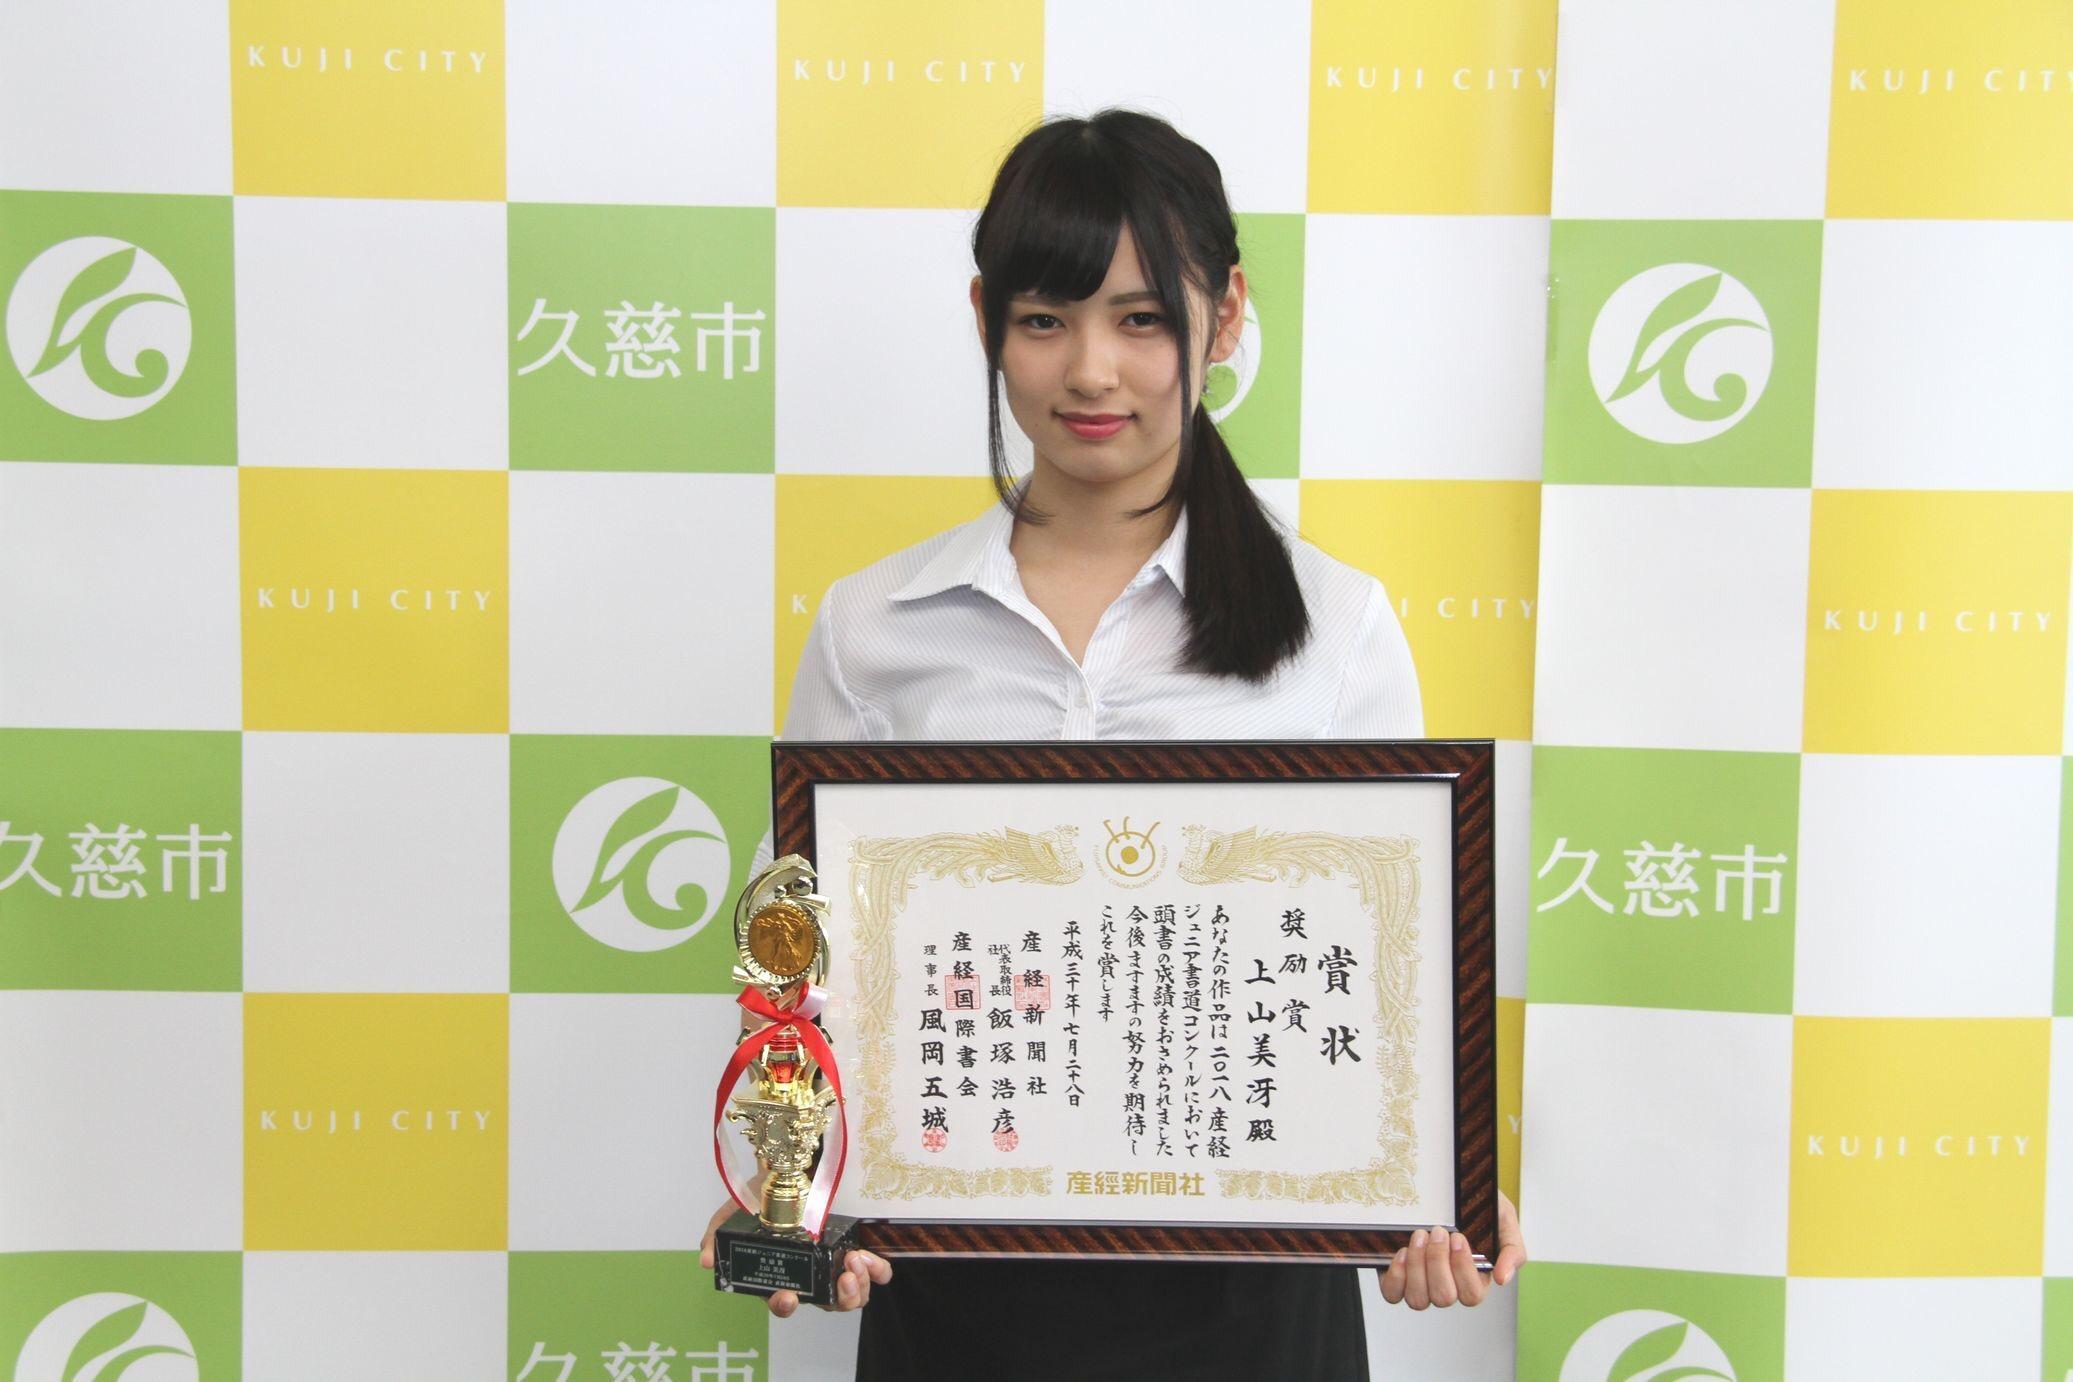 美少女すぎる台湾人棋士www美人すぎるだろおおおwww